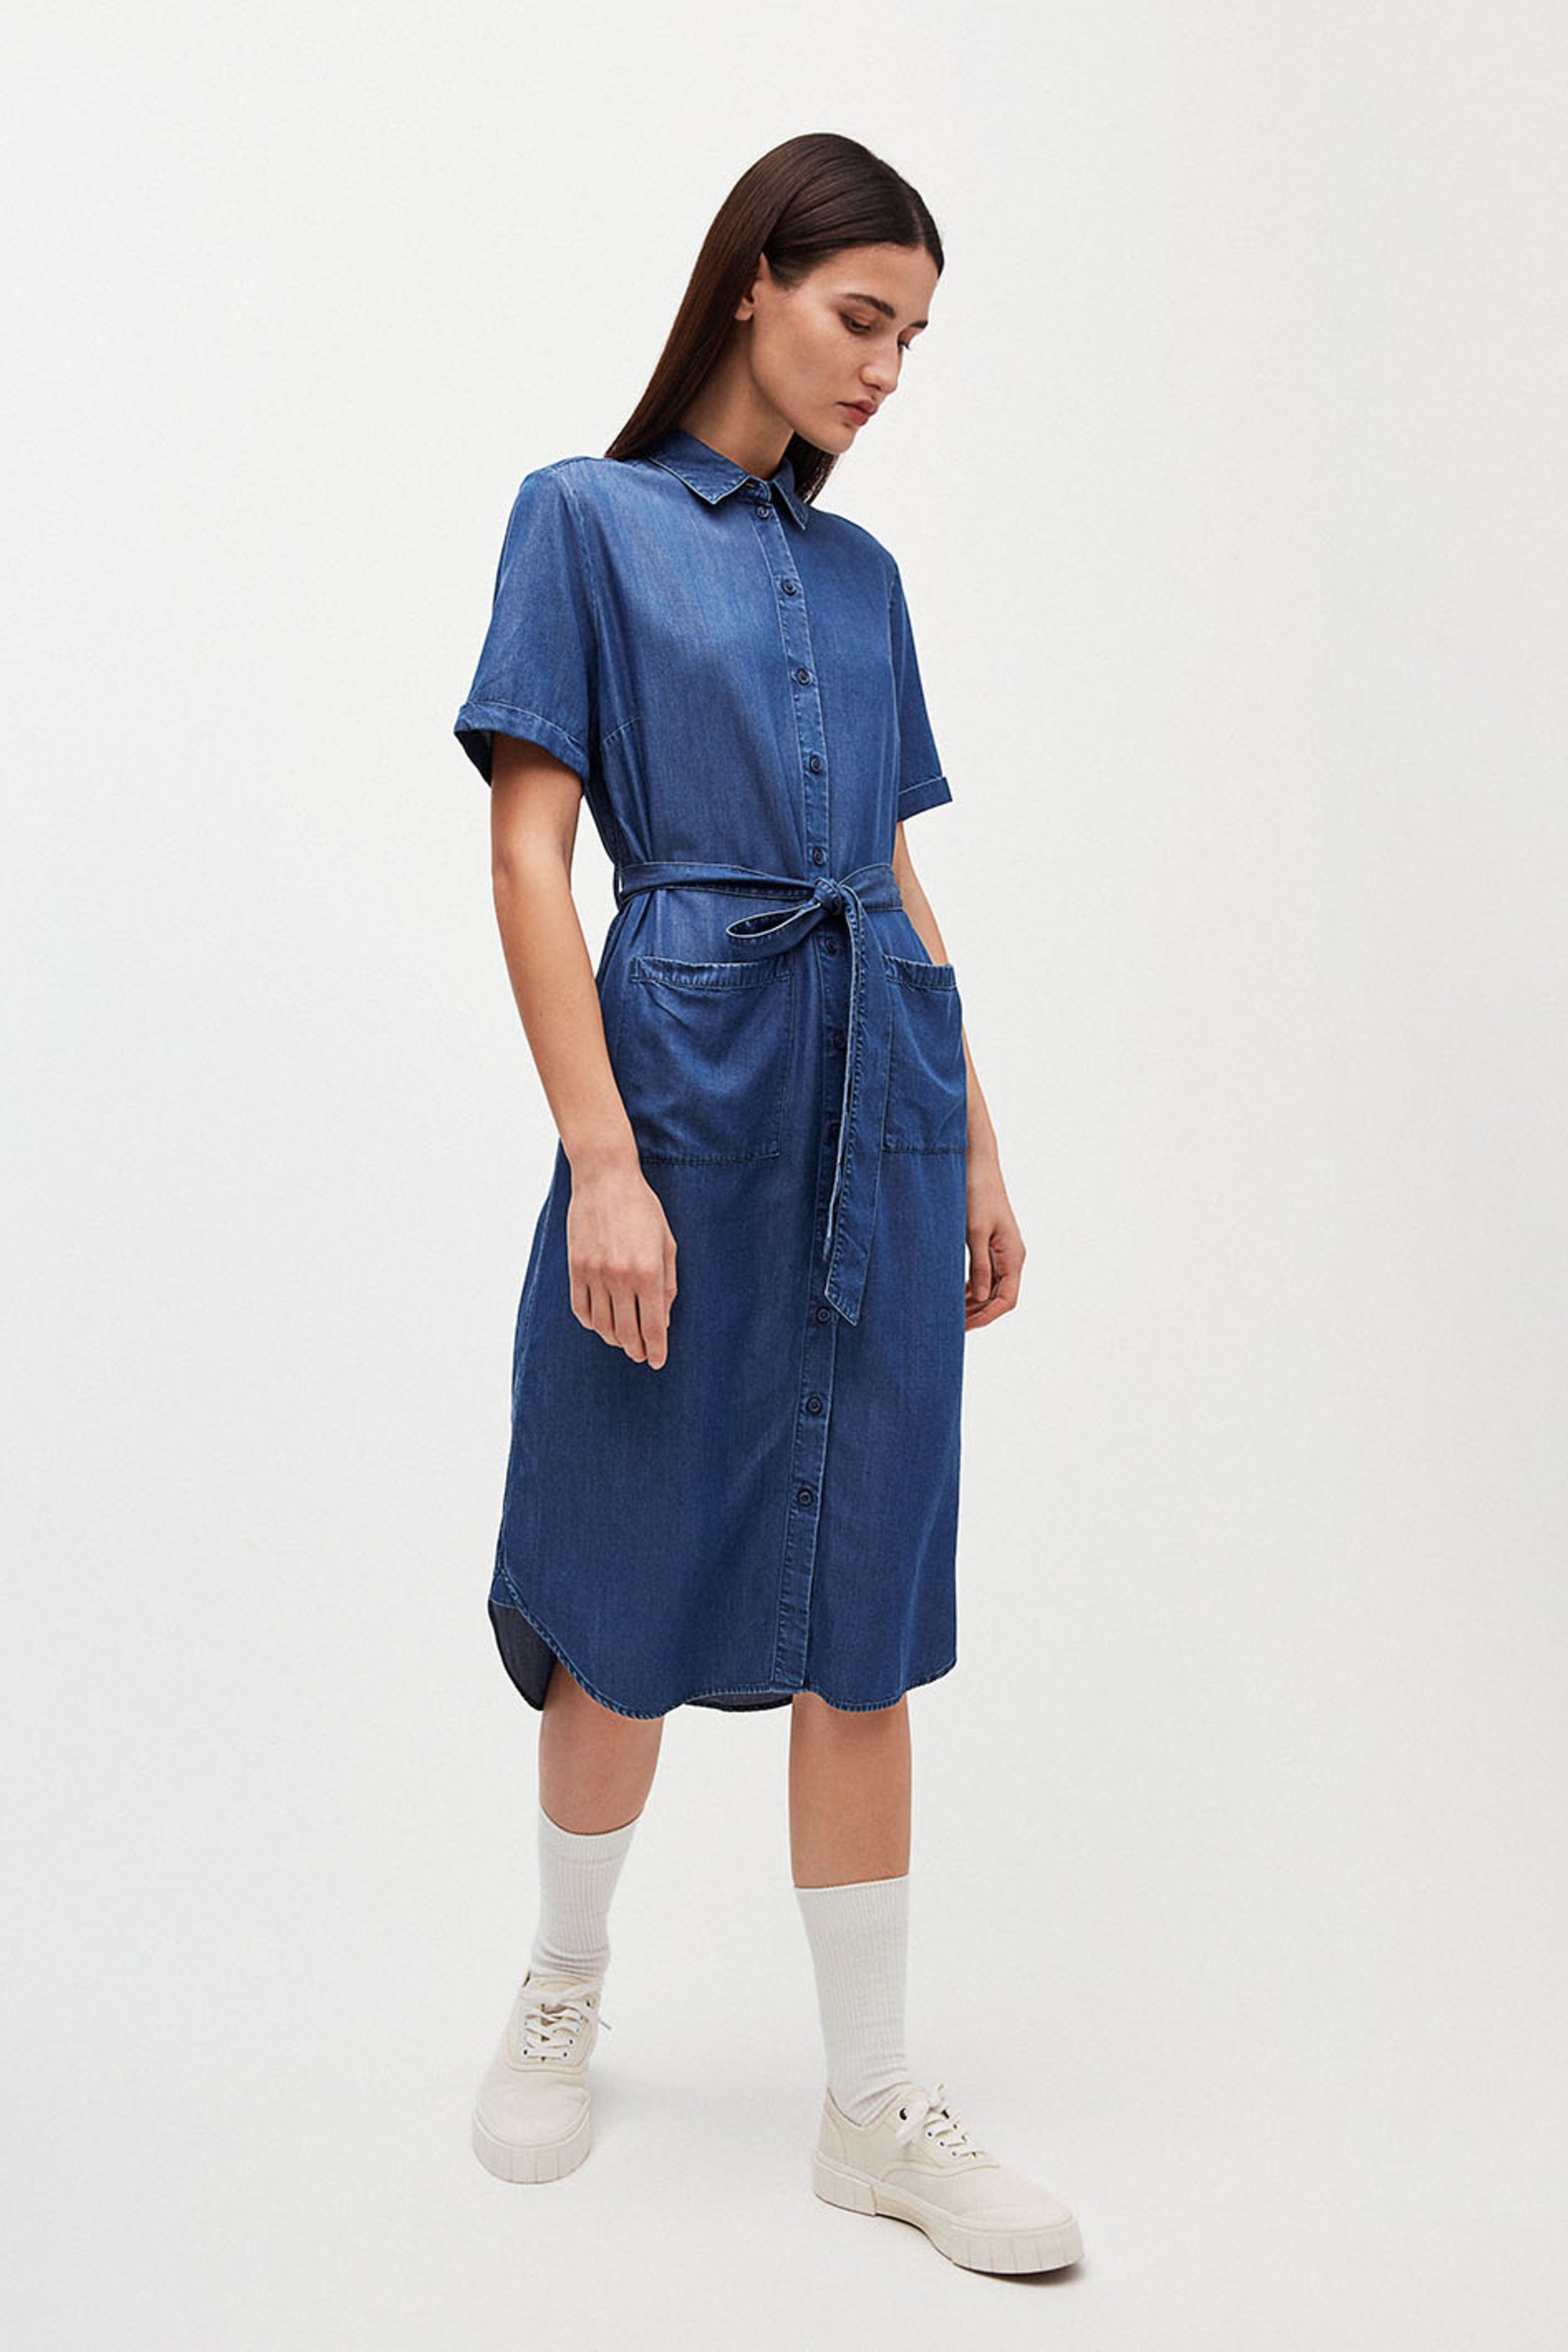 Kleid Maaisa Blau